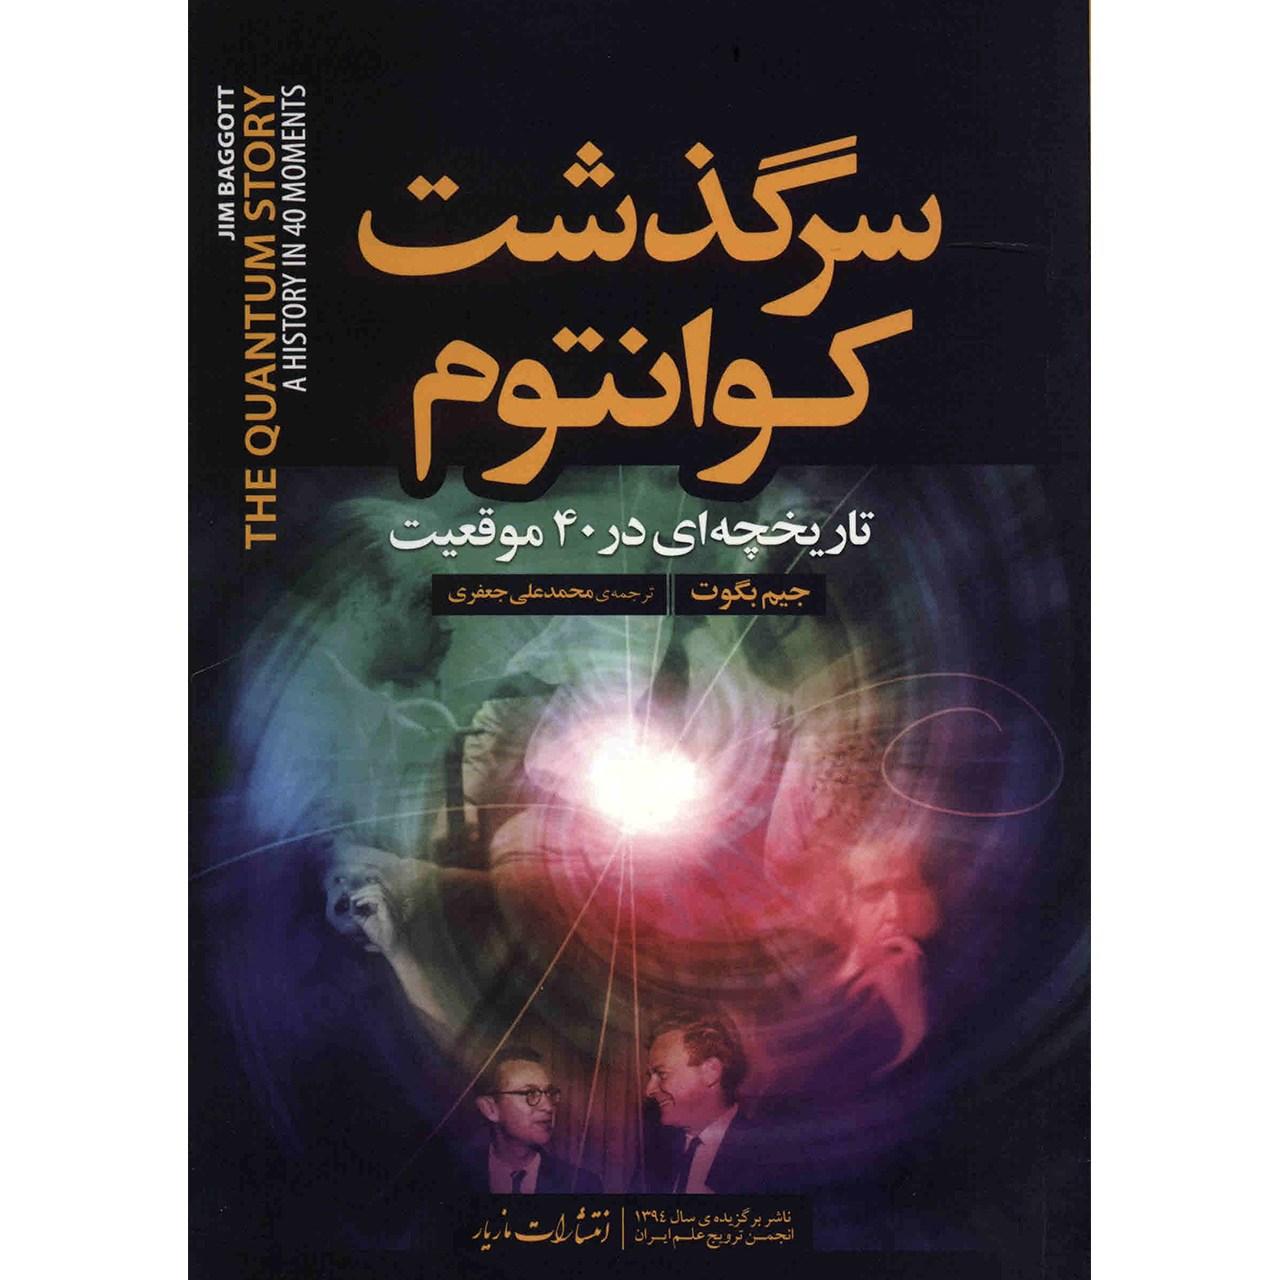 کتاب سرگذشت کوانتوم اثر جیم بگوت